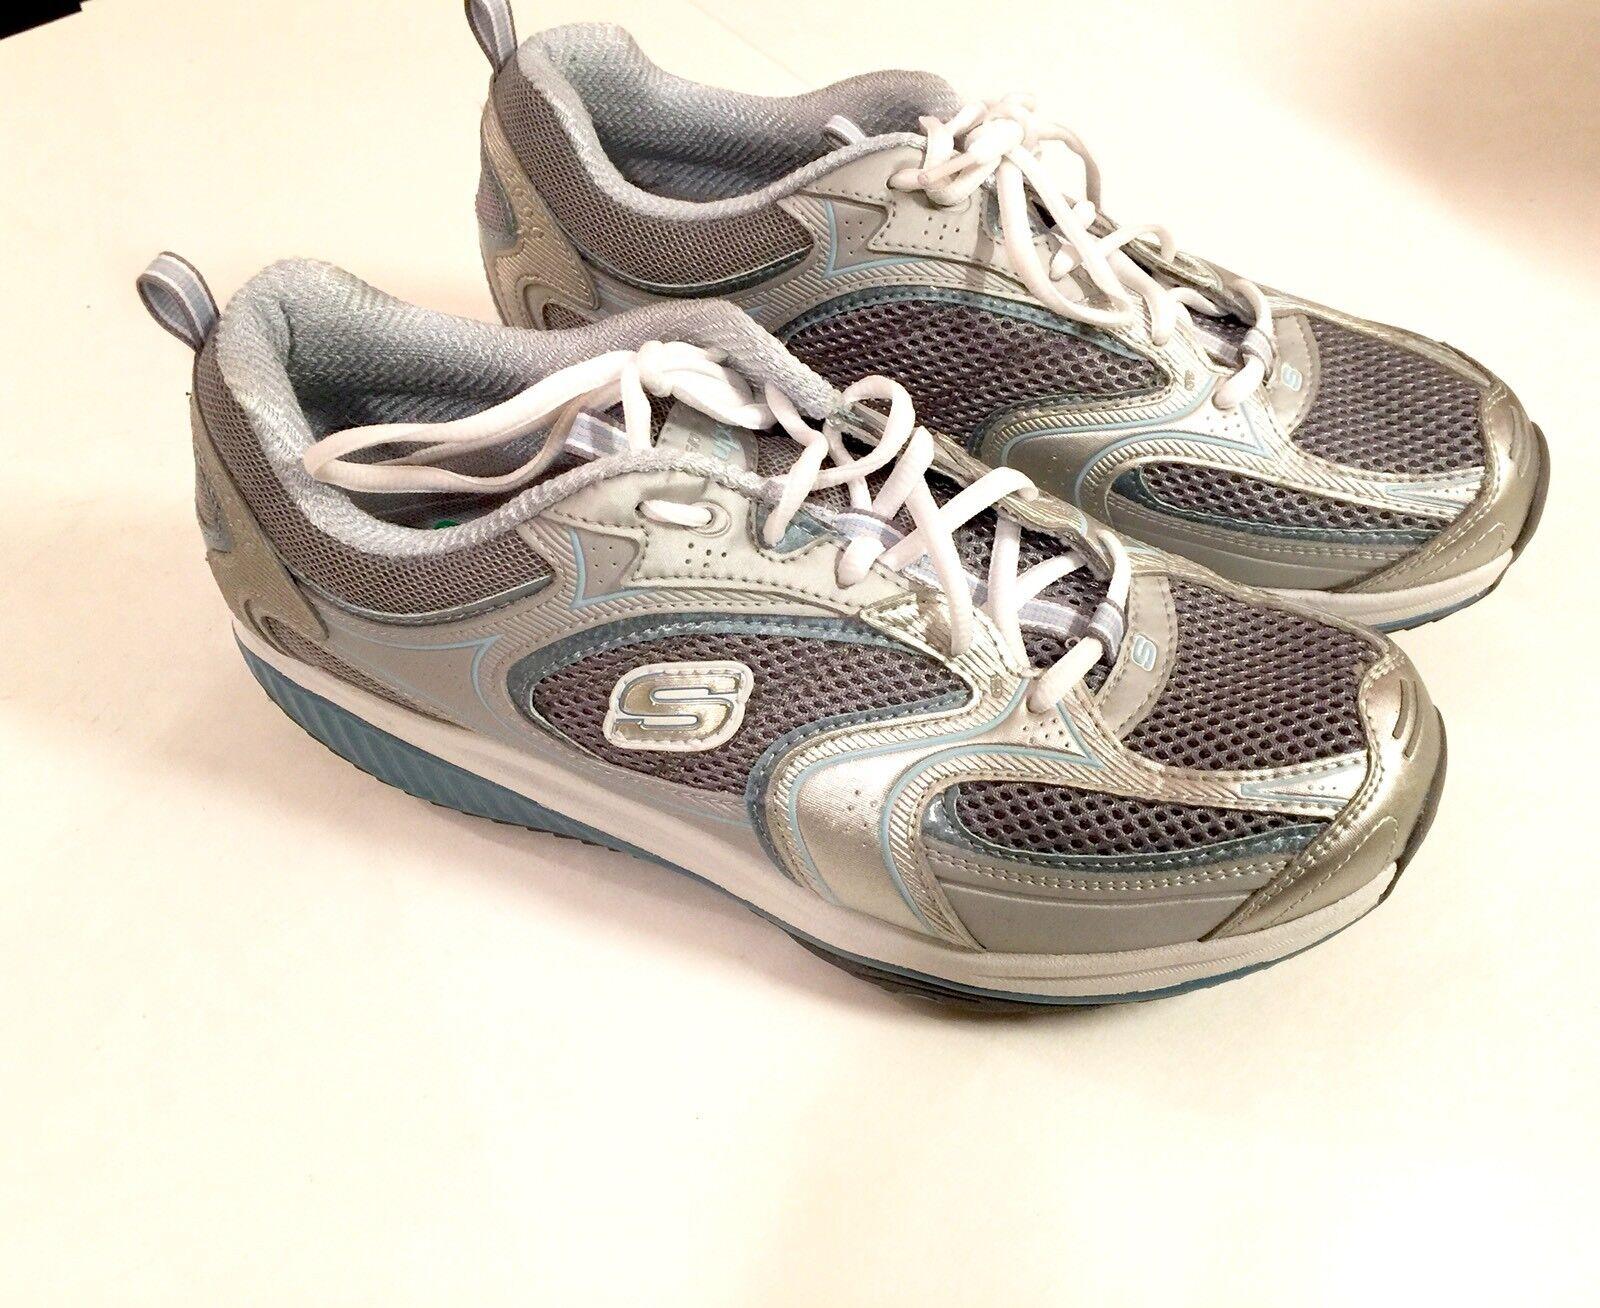 Skechers Shape-ups Women's Size 11 SN:12320 Walking Shoes